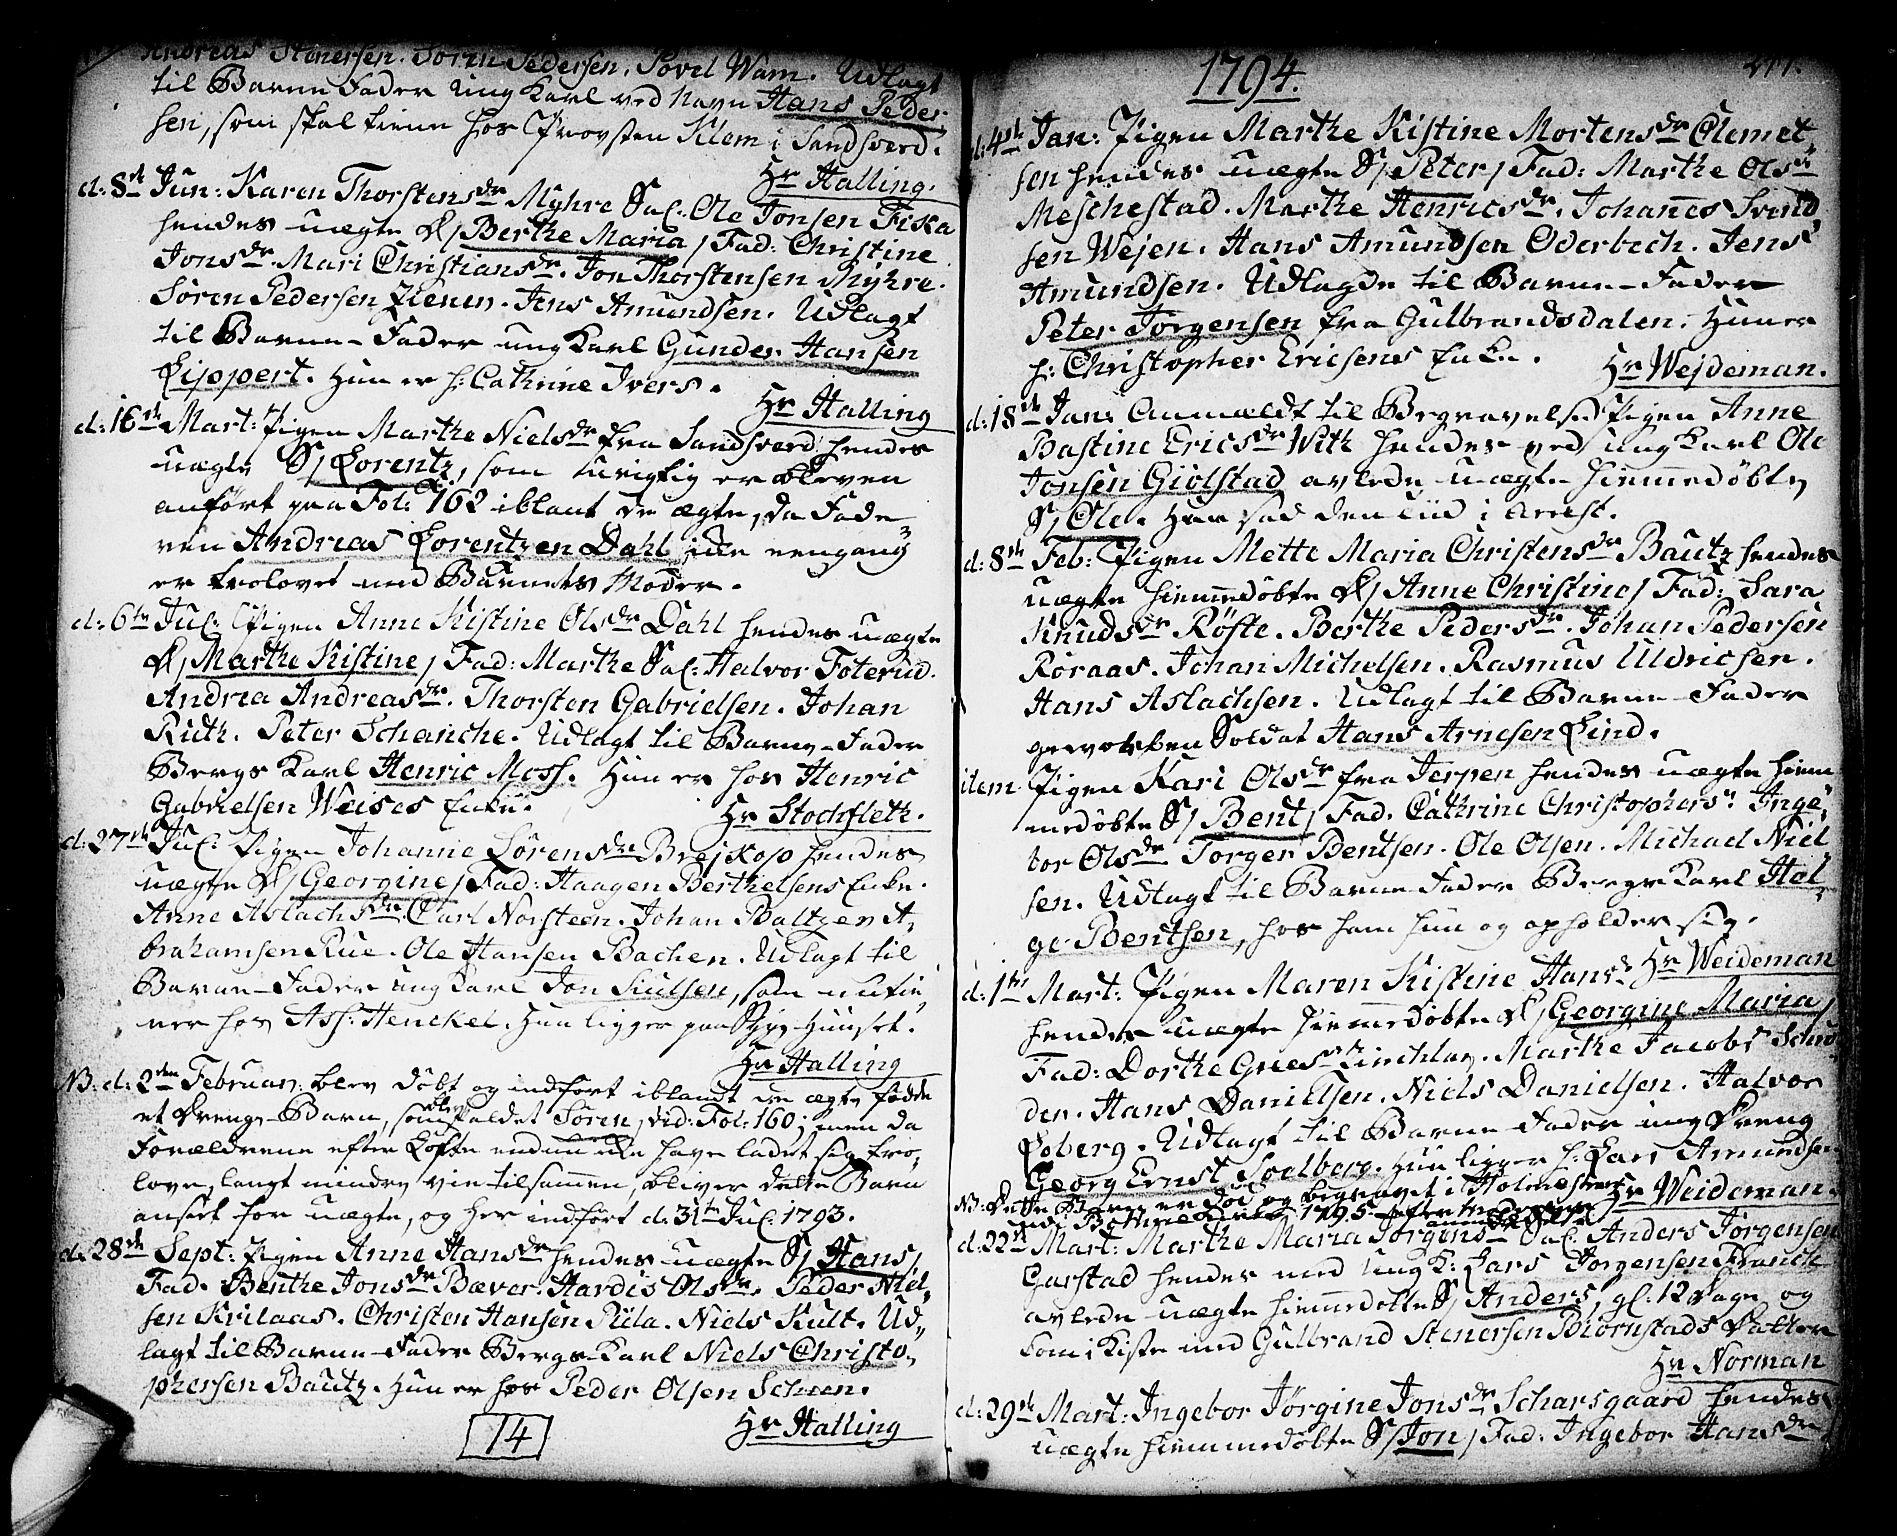 SAKO, Kongsberg kirkebøker, F/Fa/L0006: Ministerialbok nr. I 6, 1783-1797, s. 247